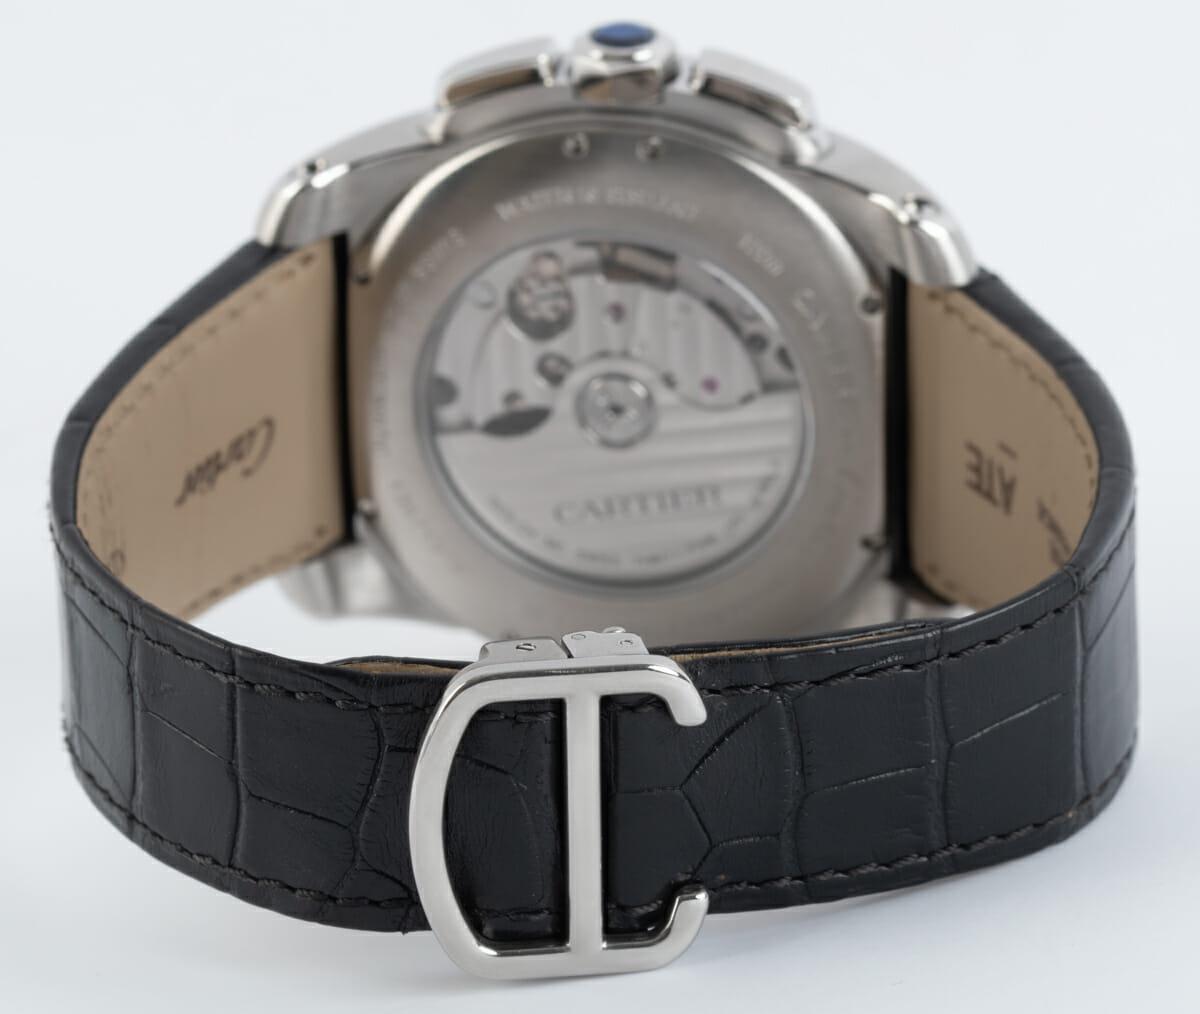 Rear / Band View of Calibre de Cartier Chronograph